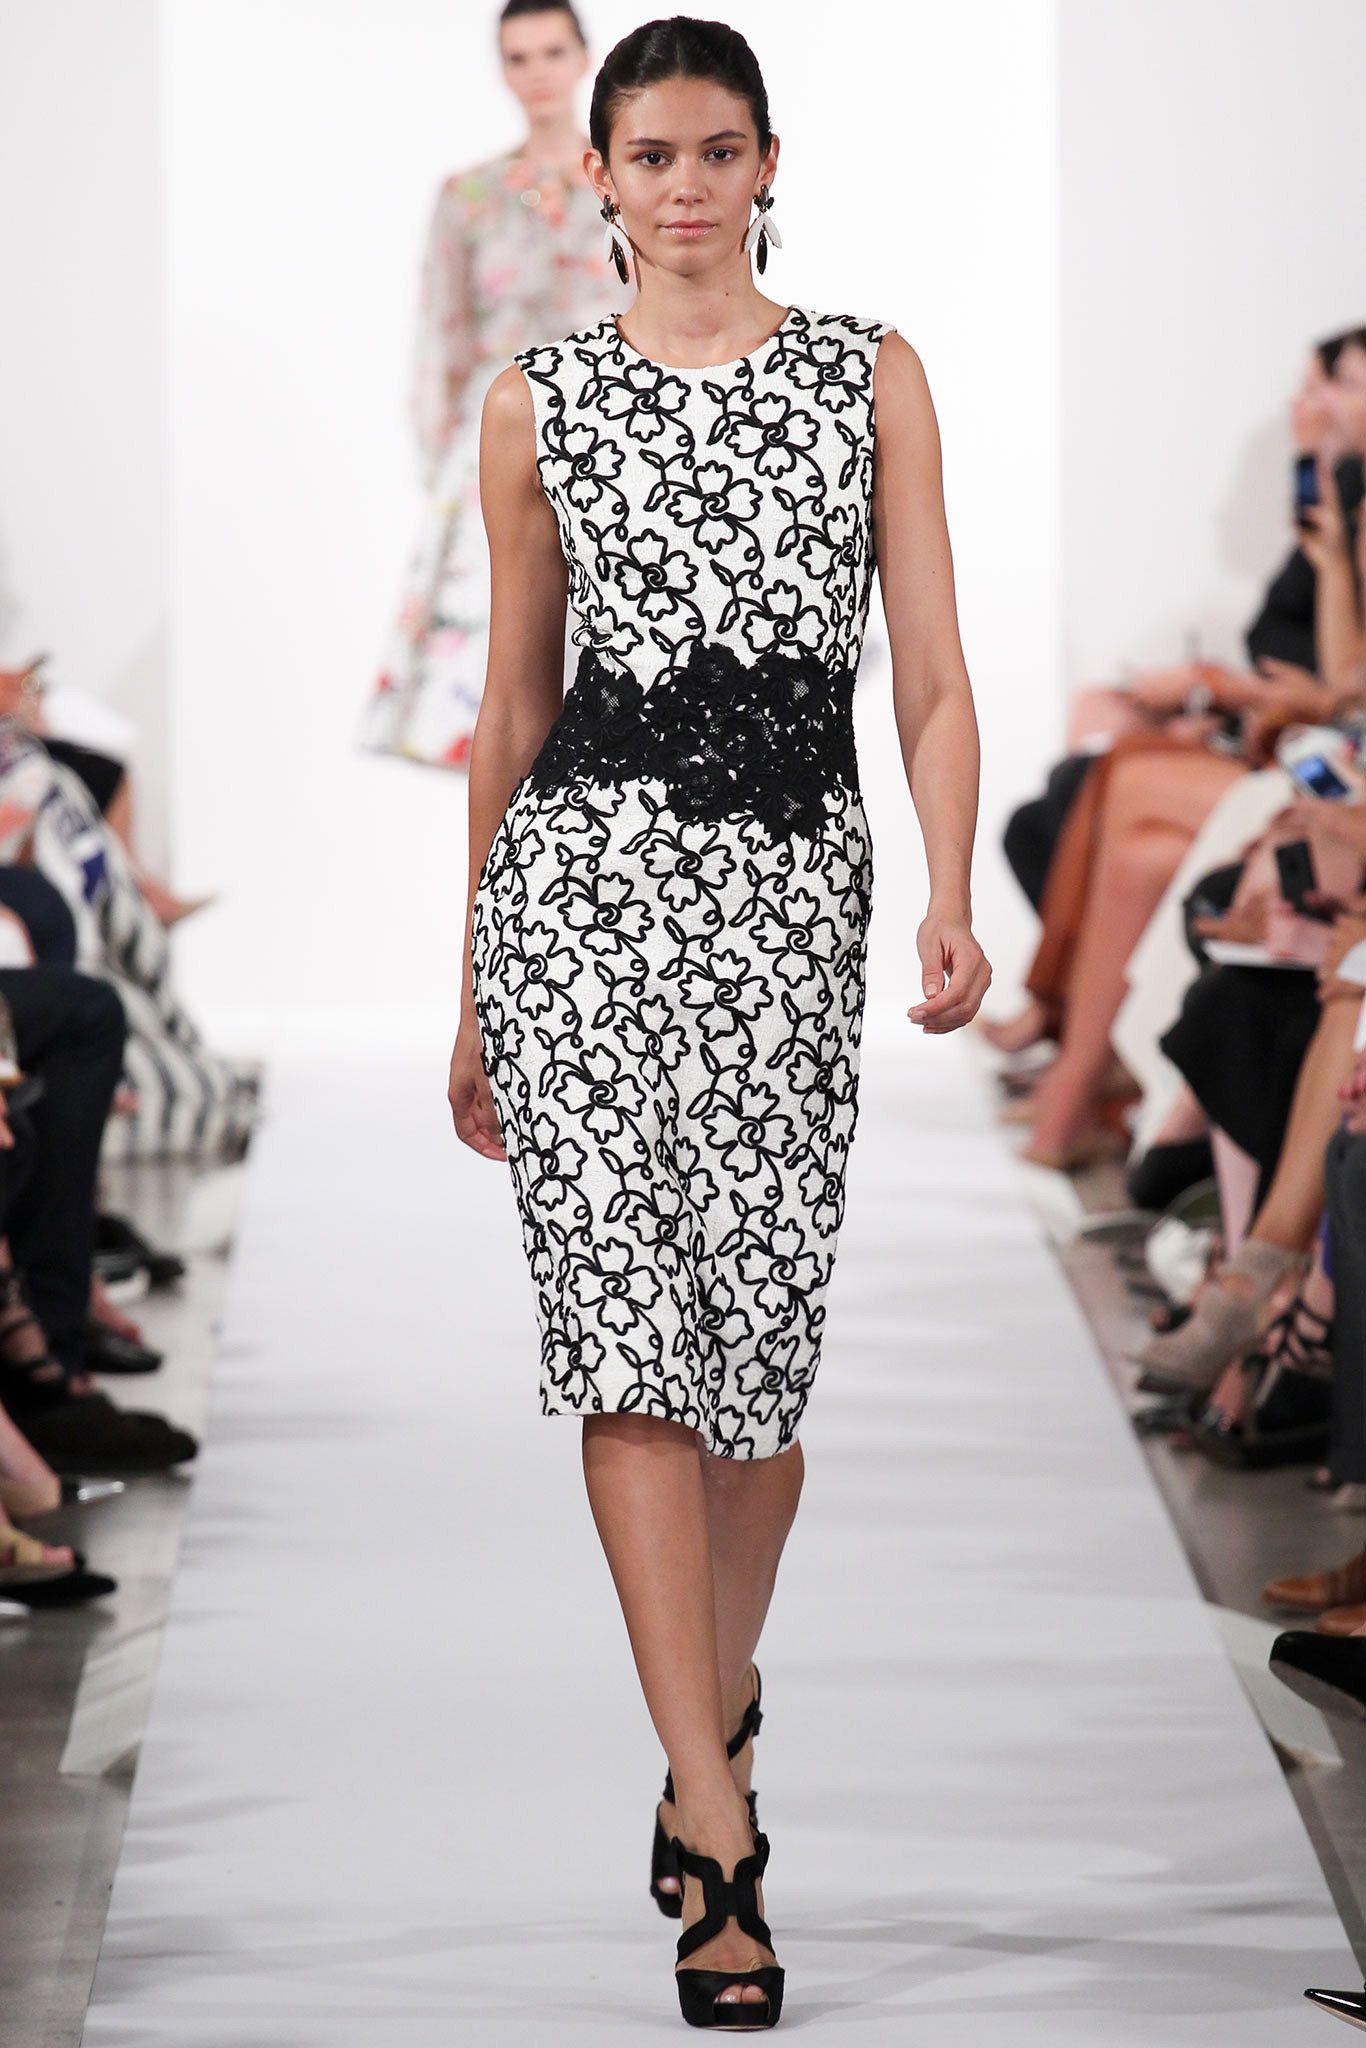 Oscar de la Renta Spring 2014 Ready-to-Wear Collection Photos - Vogue